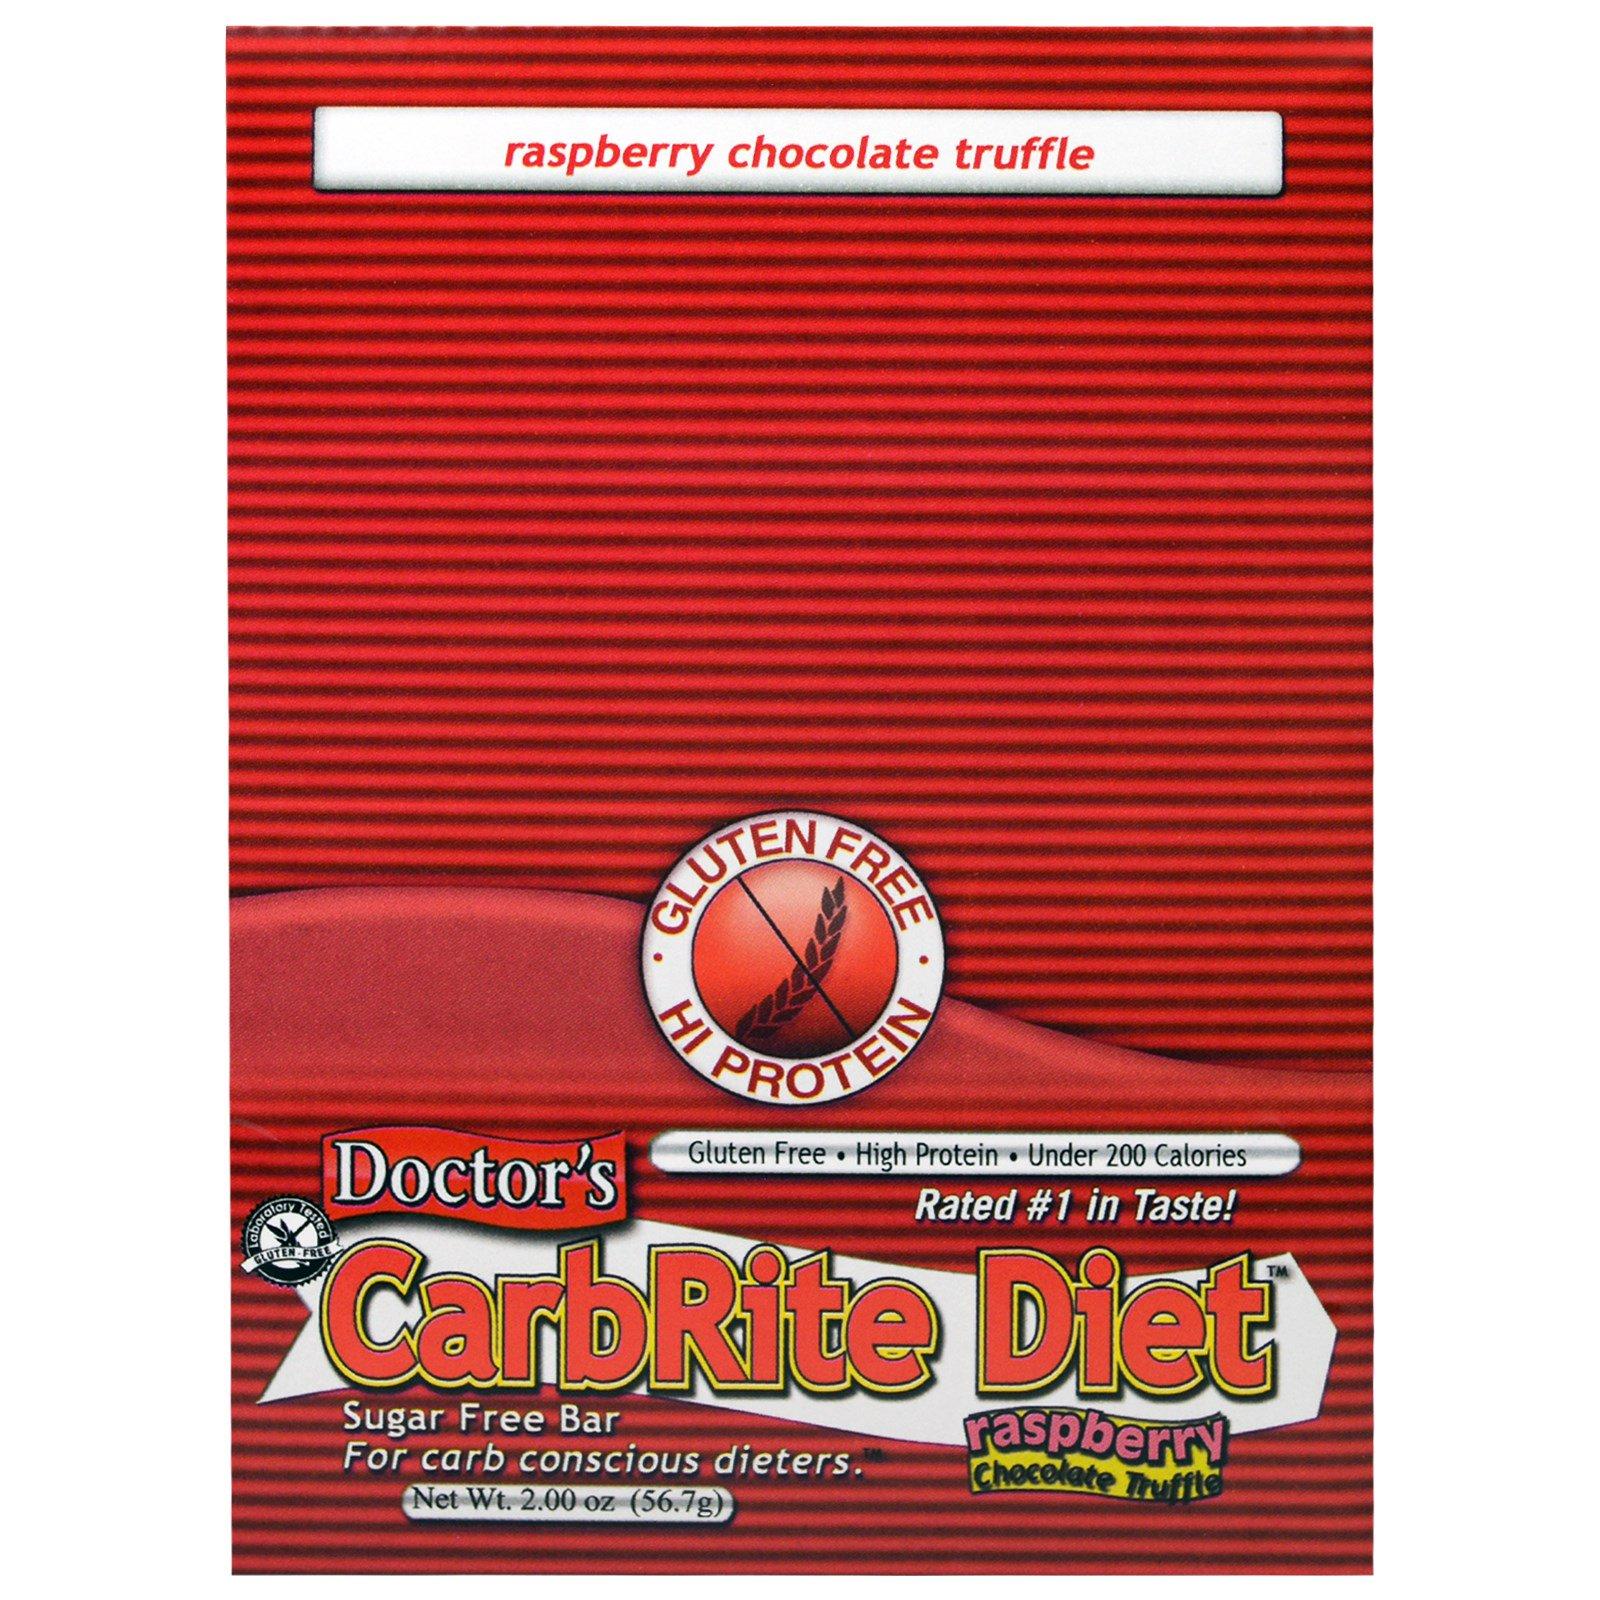 Universal Nutrition, Doctor's CarbRite Diet, батончик без сахара, малина, шоколад и трюфель, 12 батончиков, по 2 унции (56,7 г) каждый